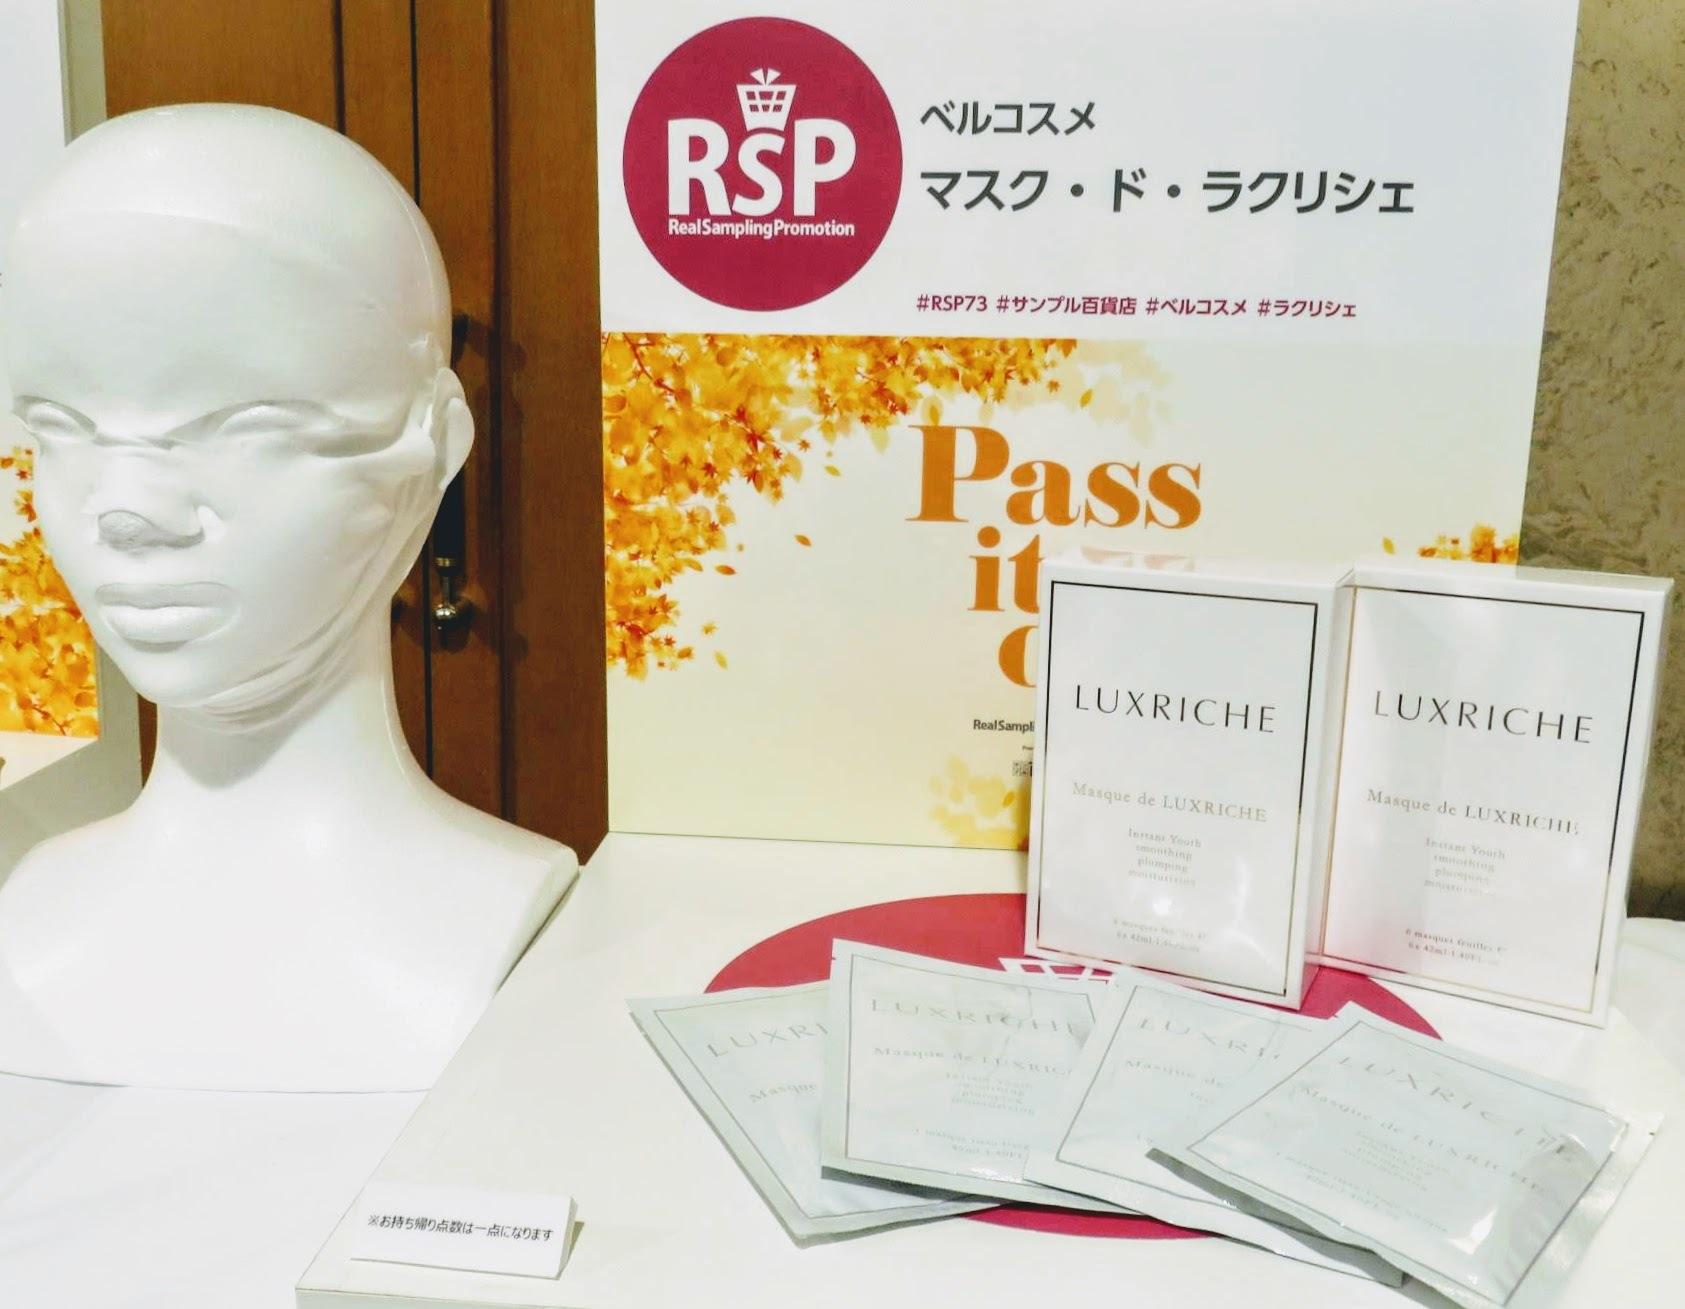 【RSP73】リッチな大人マスク『マスク・ド・ラクリシェ』ベルコスメ_a0057402_22160529.jpg